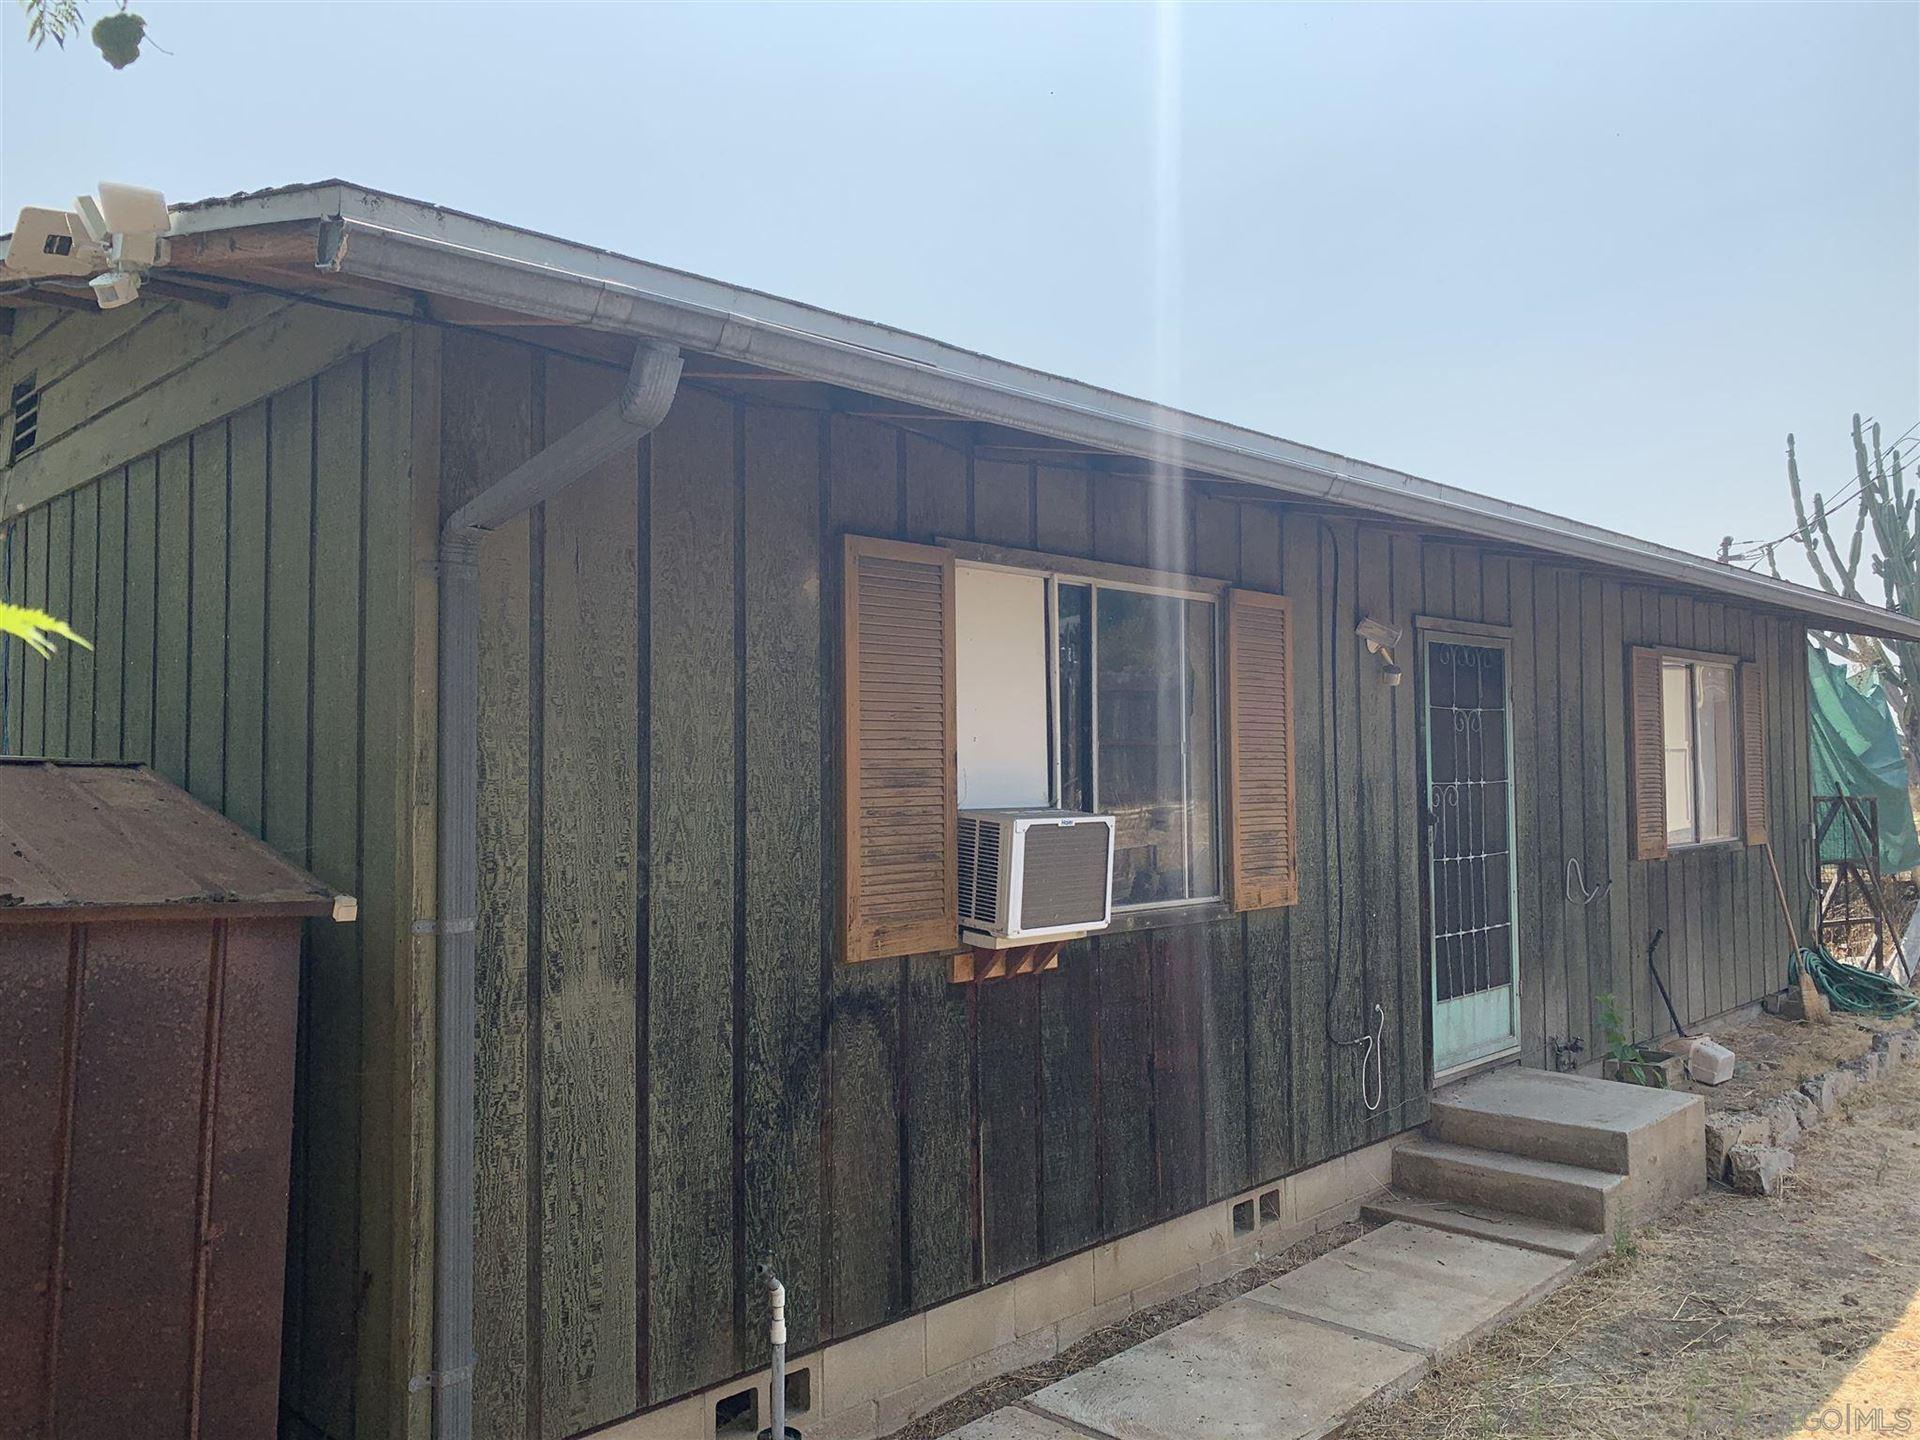 Photo of 2310 Bella Vista dr, vista, CA 92084 (MLS # 200046659)